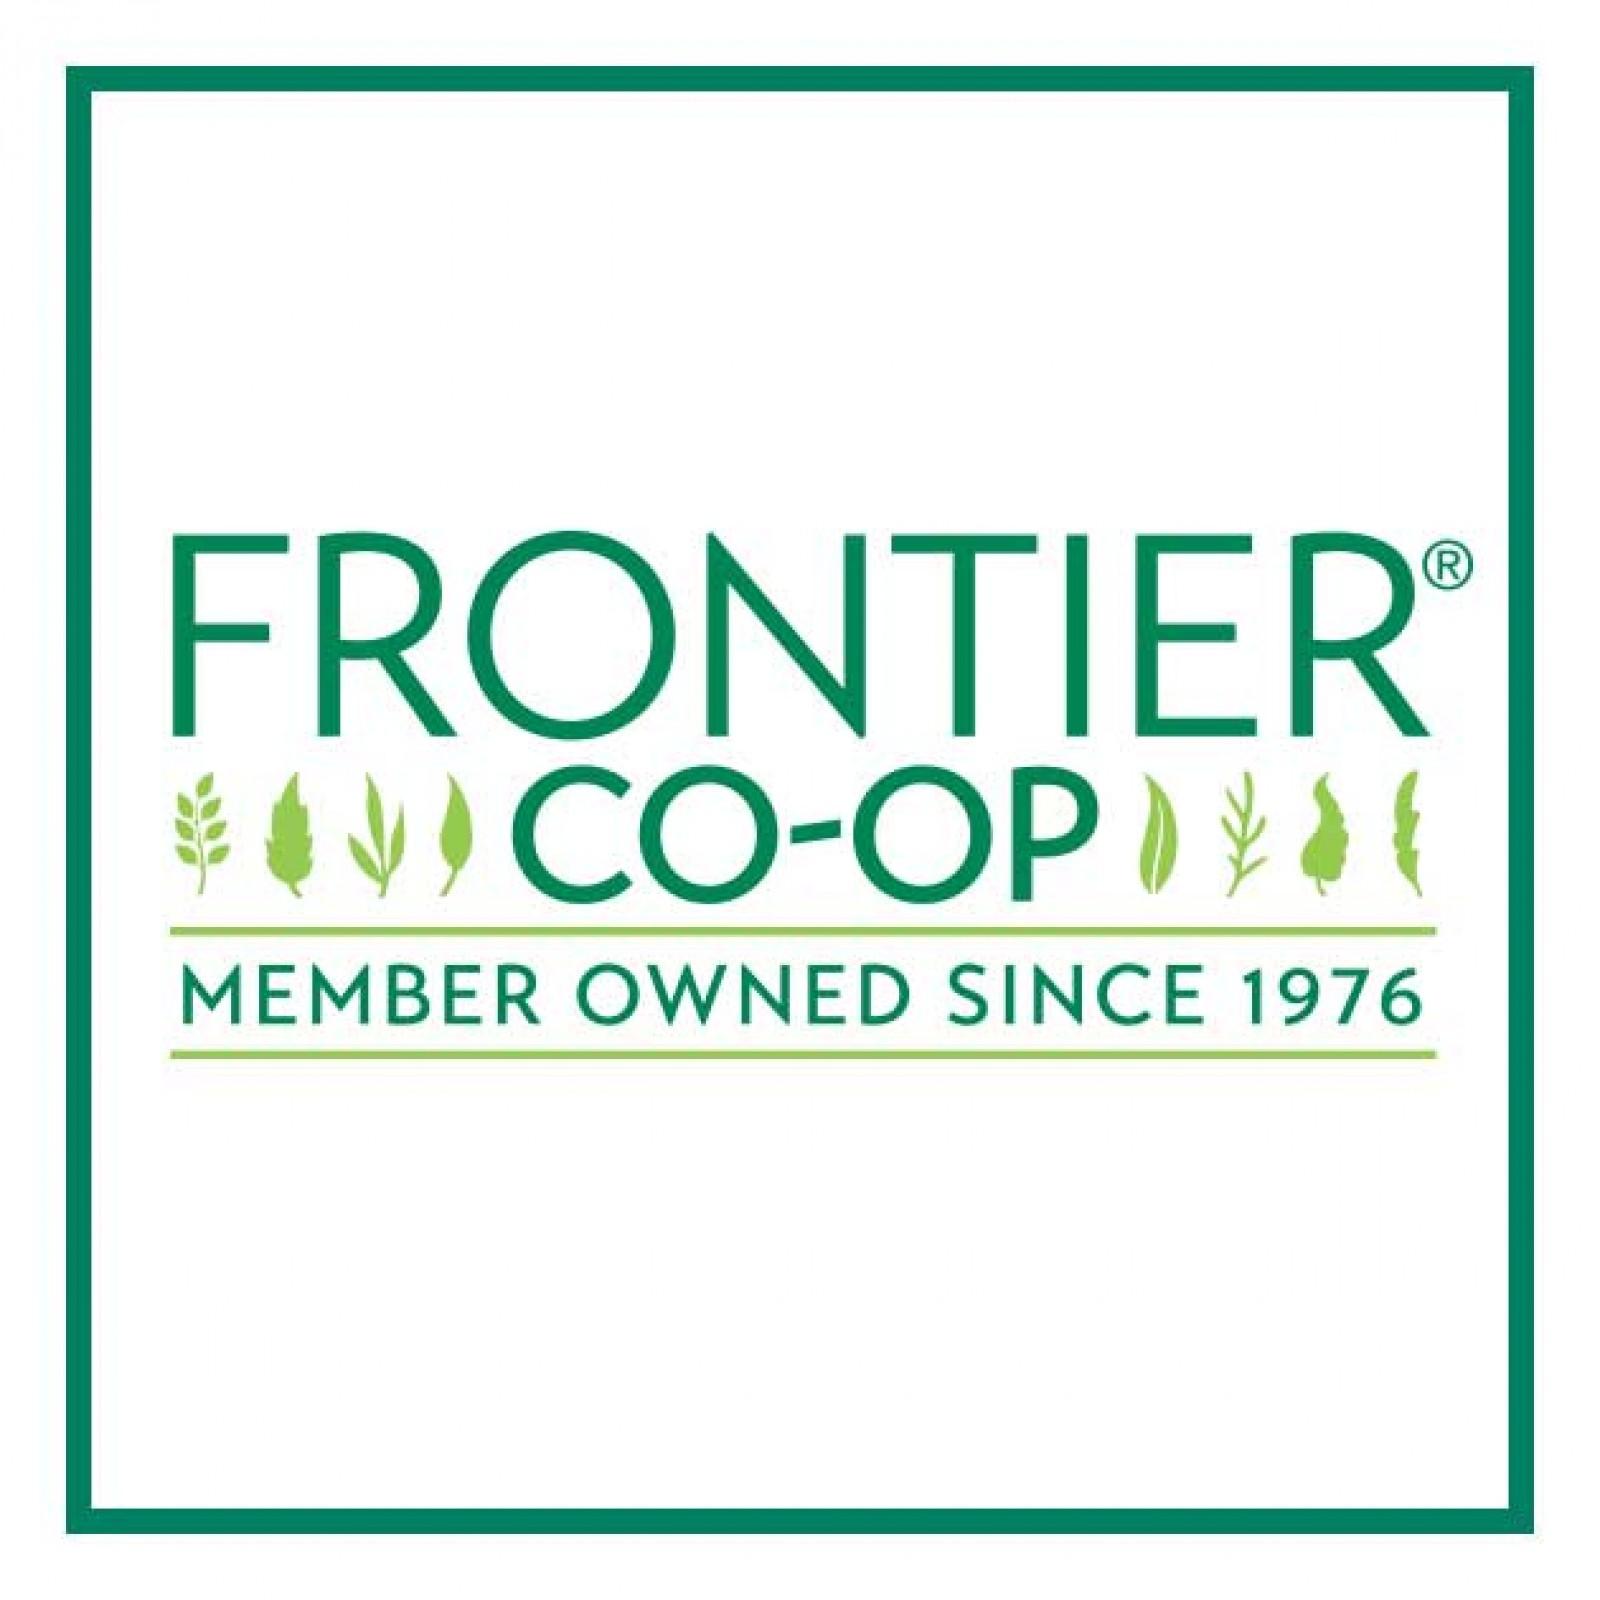 frontier-coop